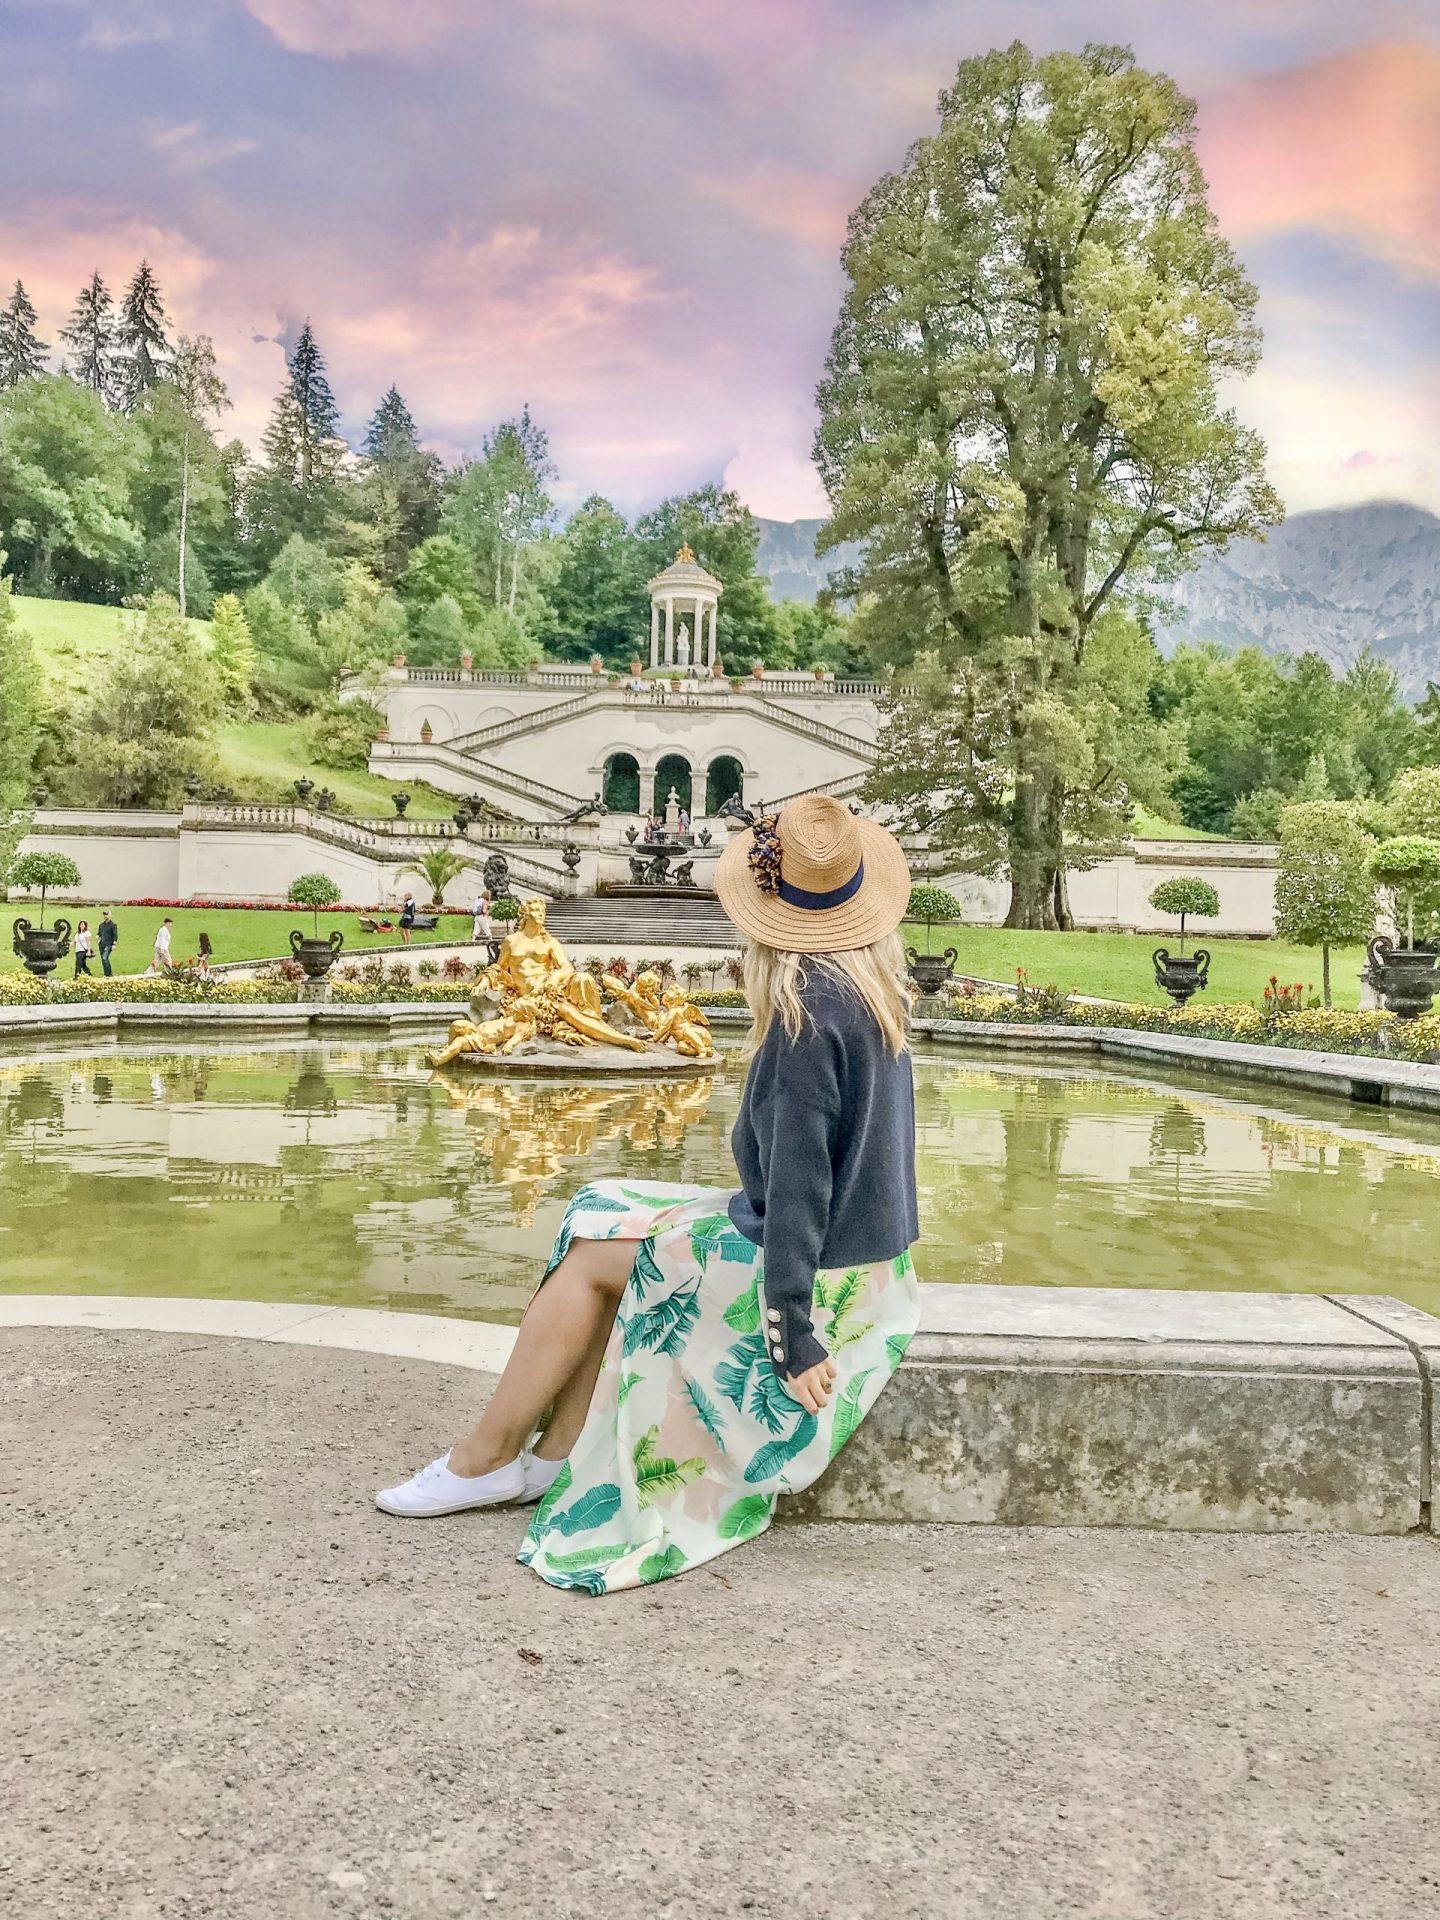 Bijuleni -Linderhof Palace Day Trip